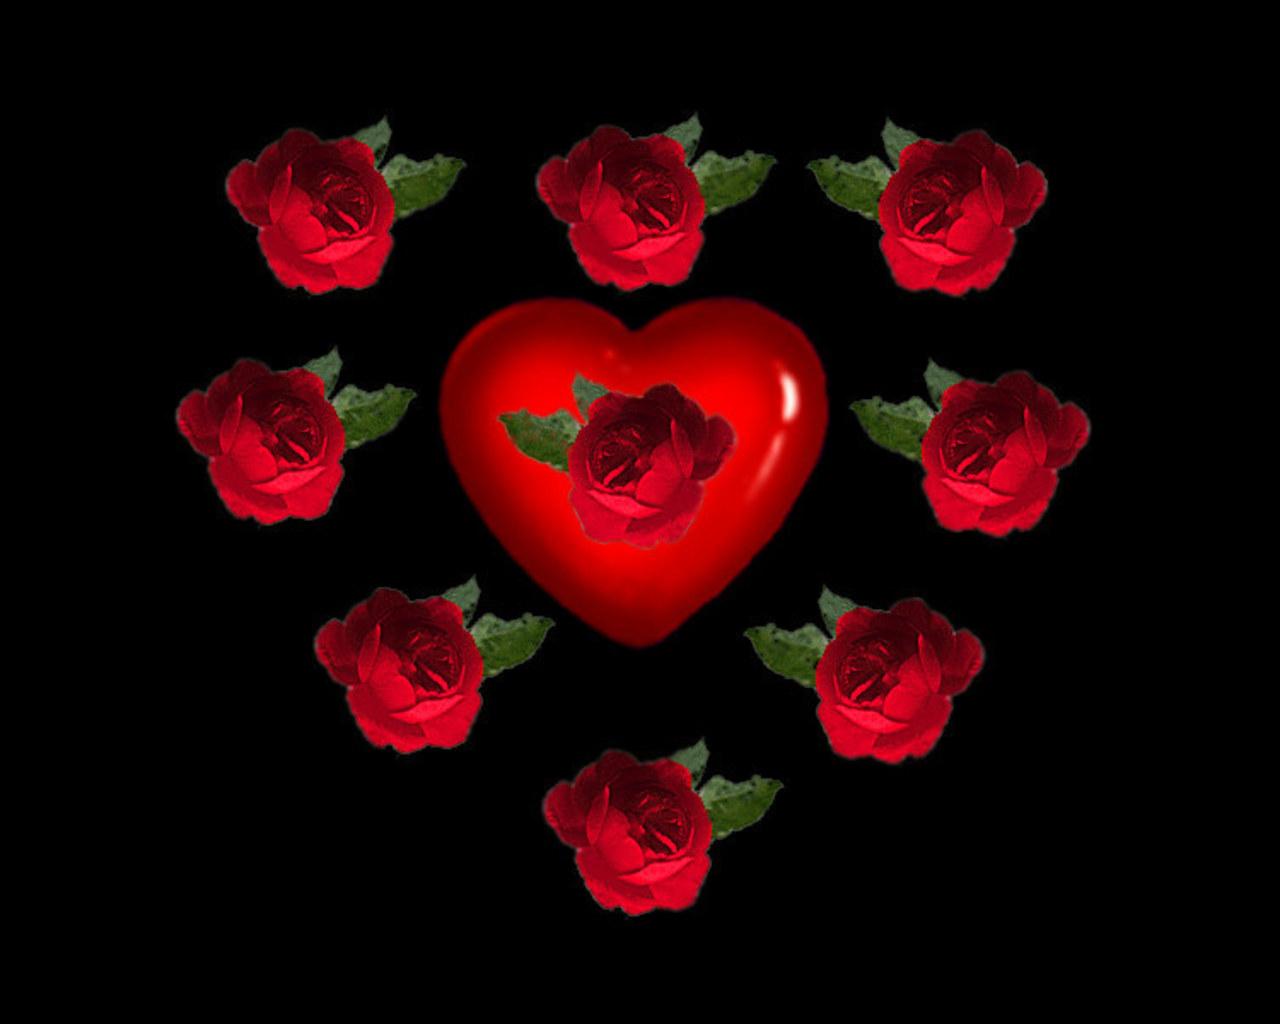 صورة اجمل رومانسيه , رسائل للحب و العشق و الغرام روووعة 667 9